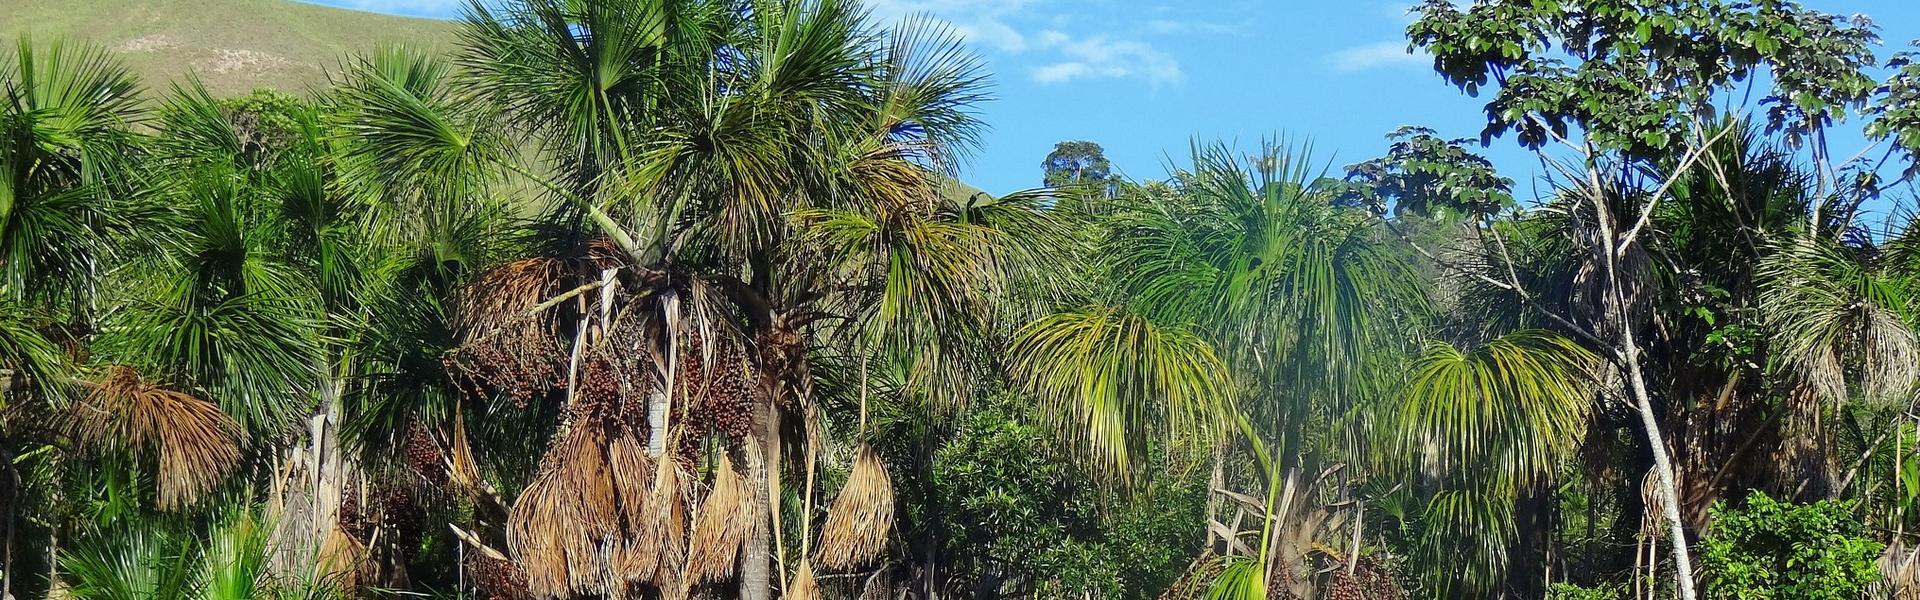 palmtrees buruti